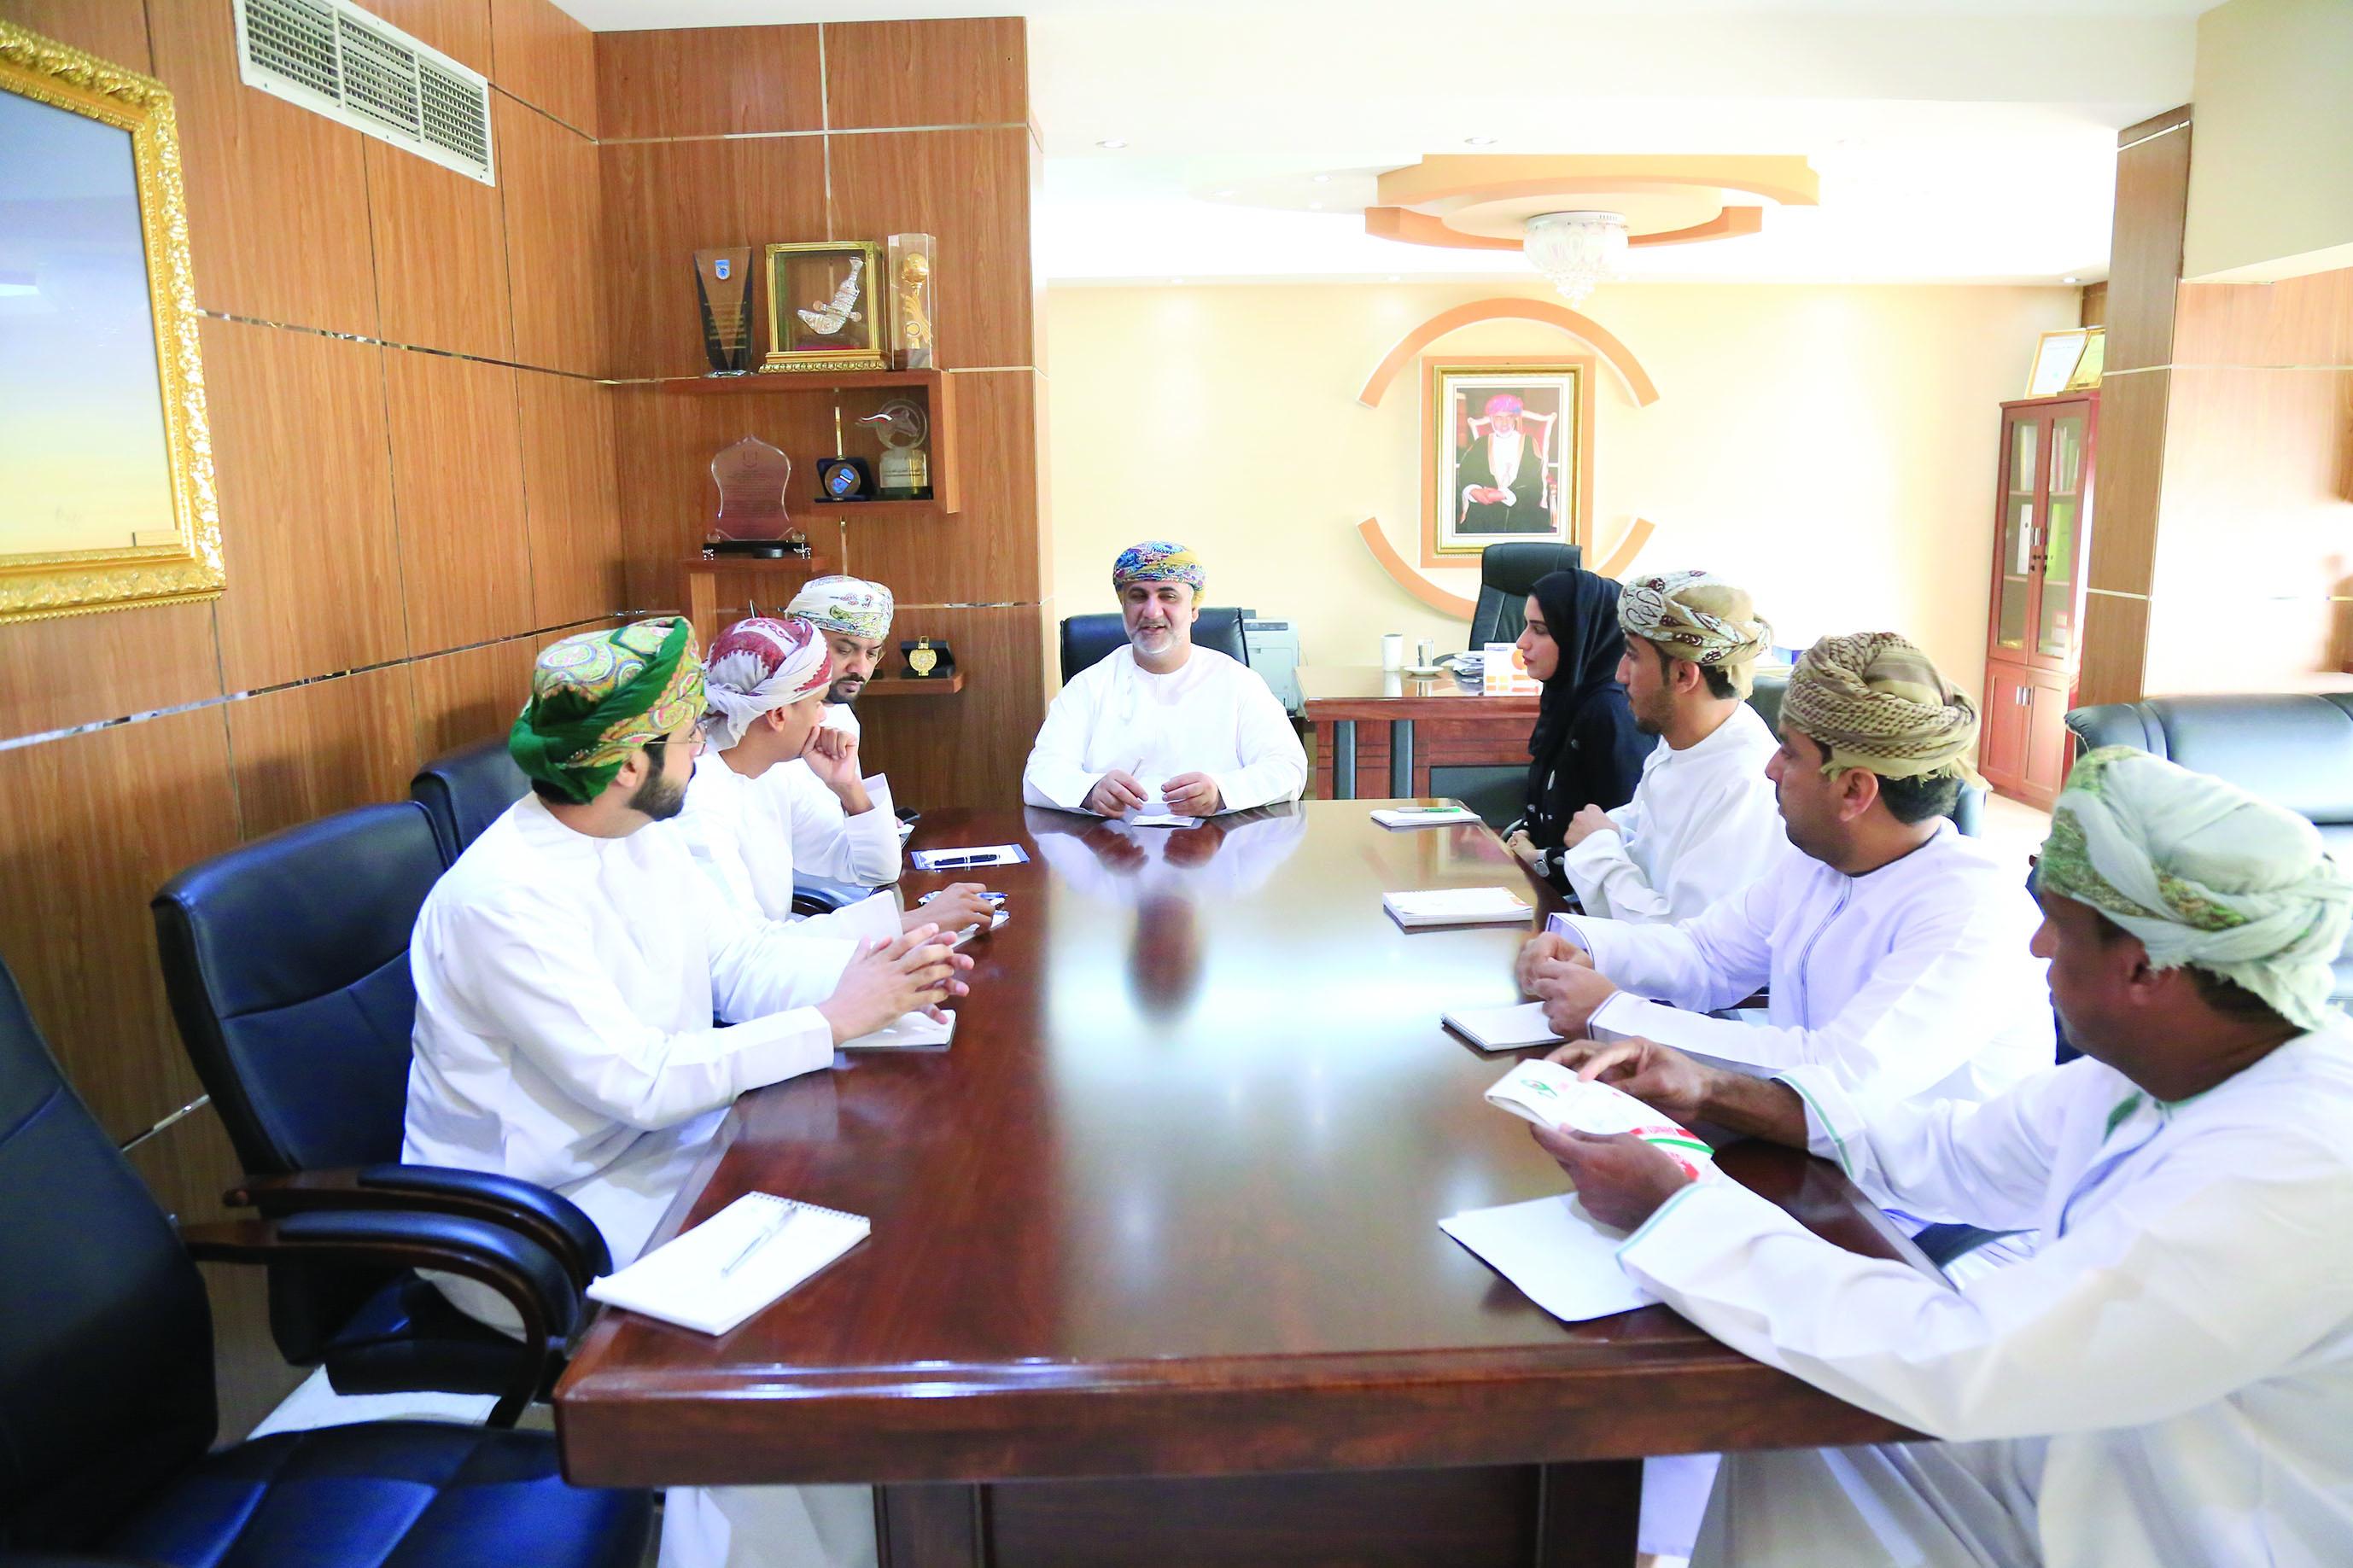 اللجنة المشرفة على خليجية ذوي الإعاقة السمعية تعقد اجتماعها